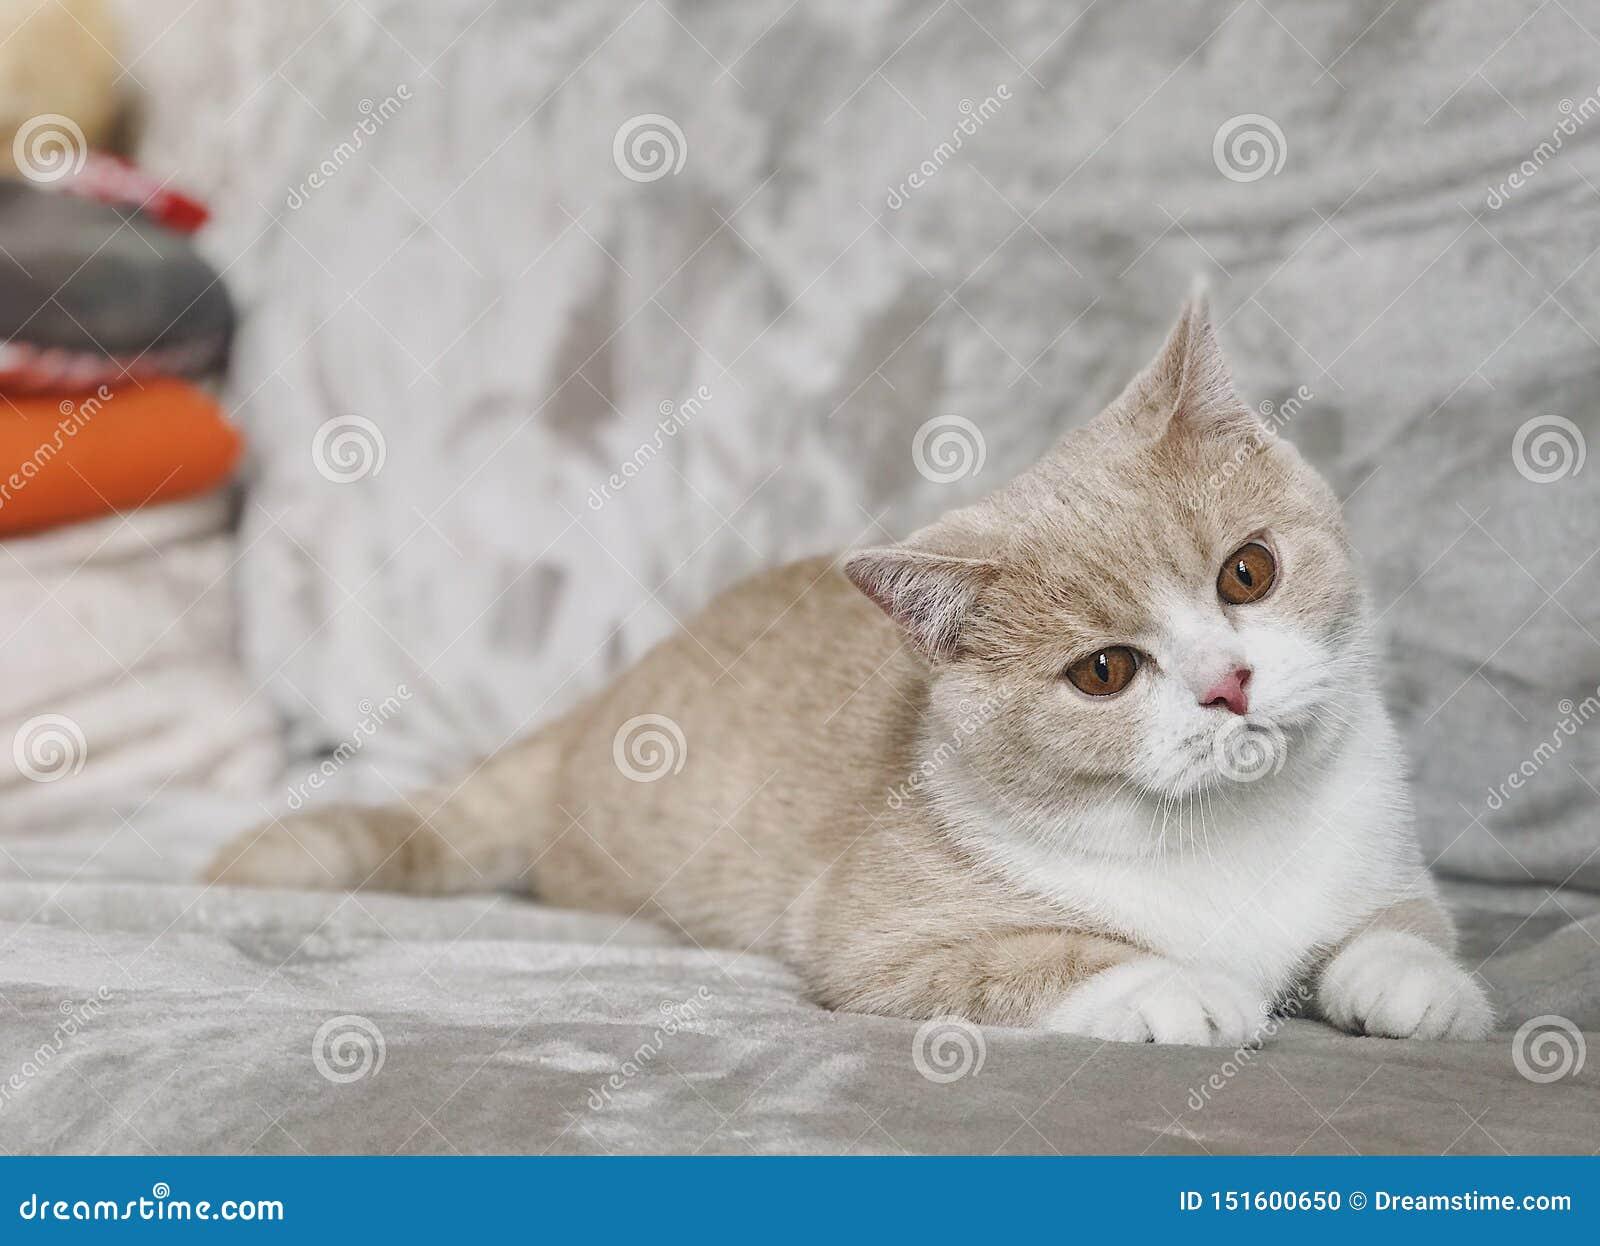 Gato britânico do shorthair com olhos grandes